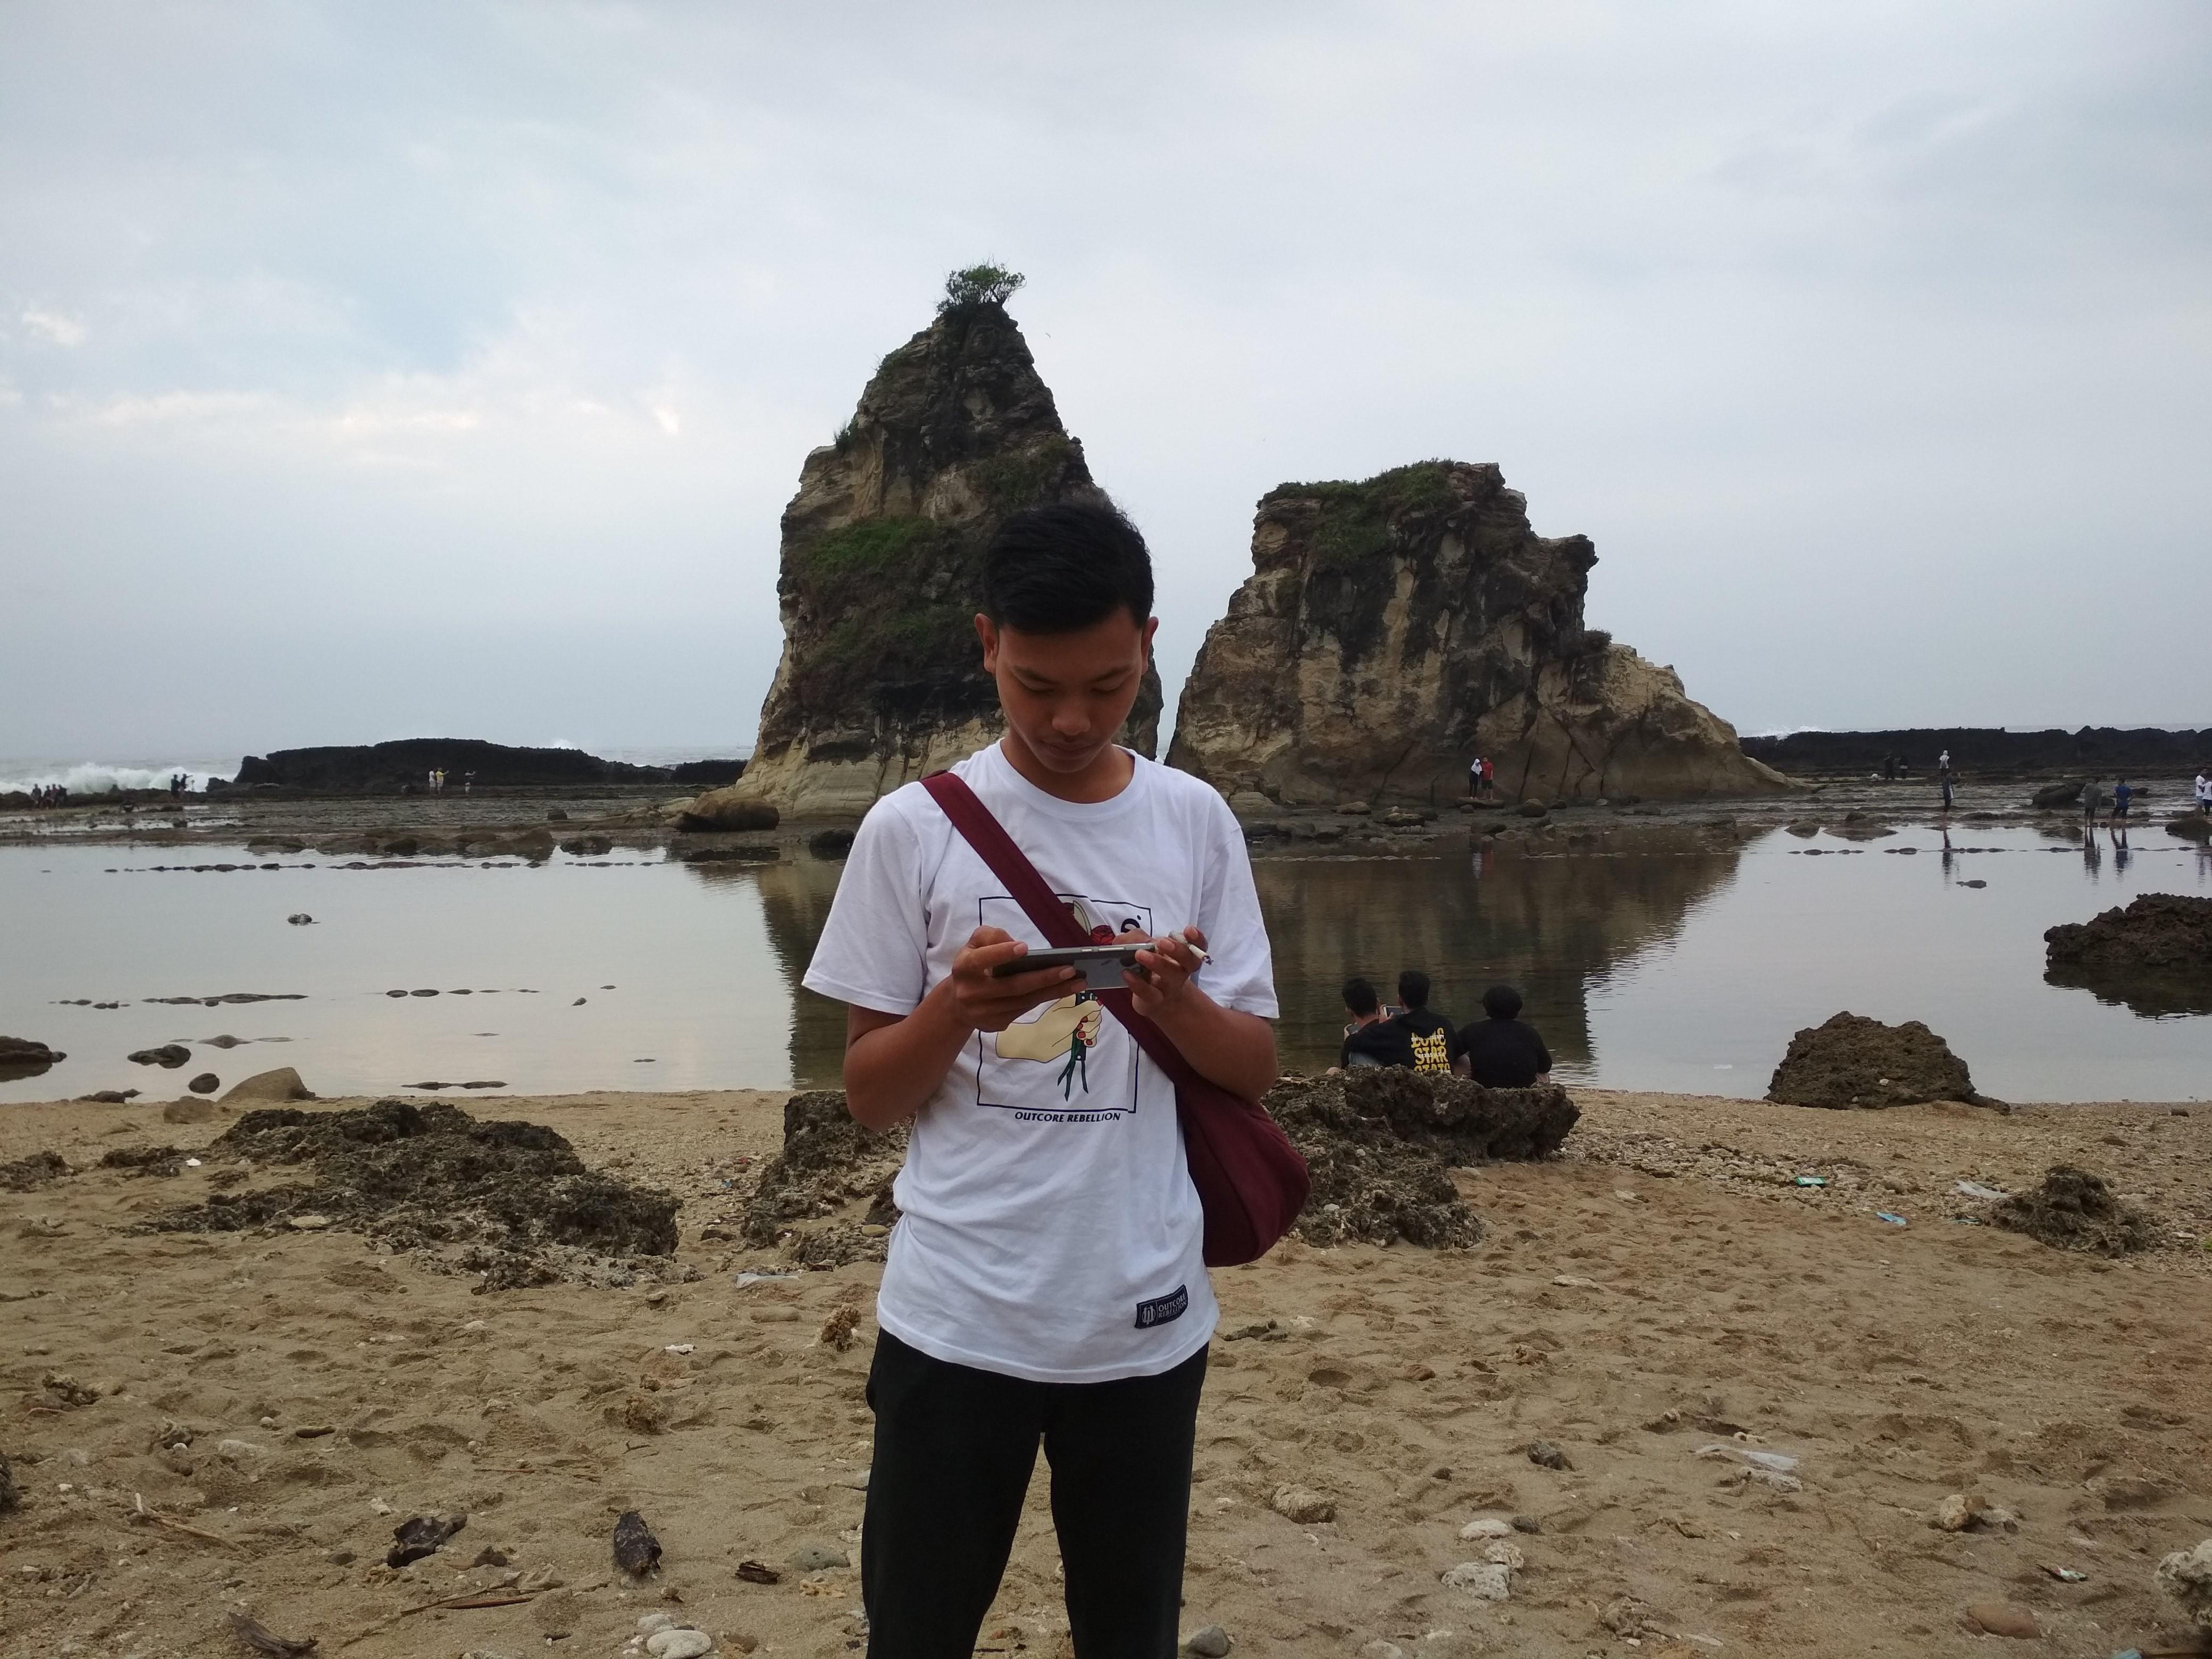 Berlibur Pantai Sawarna Steemit Banten Sebuah Kindahan Alam Terselip Hadapan